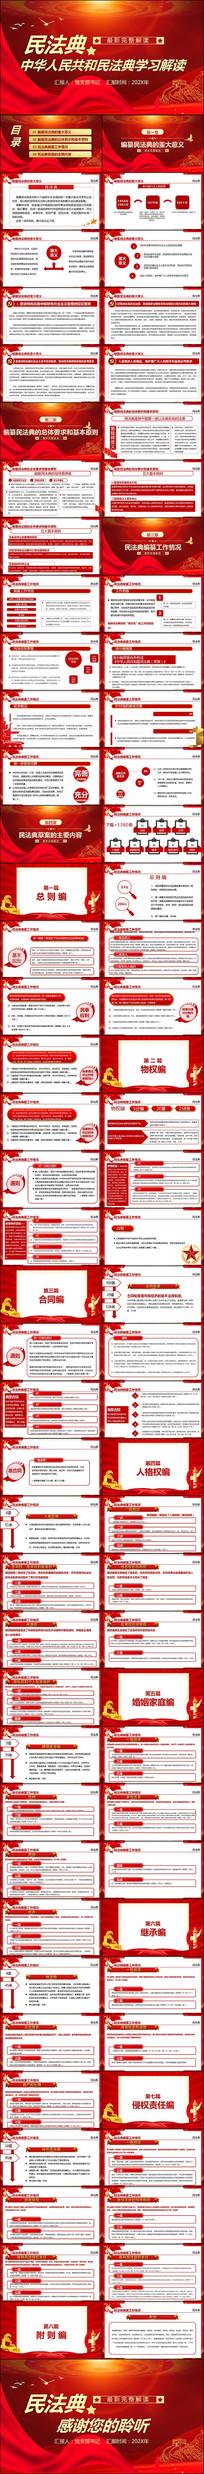 民法典解读党政党建党委党课法律ppt